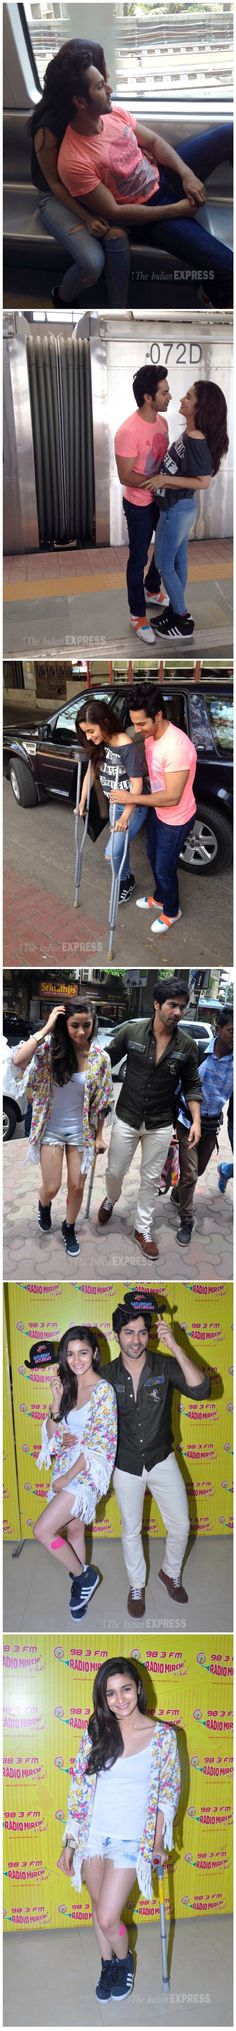 There's no stopping Alia Bhatt, despite injury actress takes a metro ride with Varun.